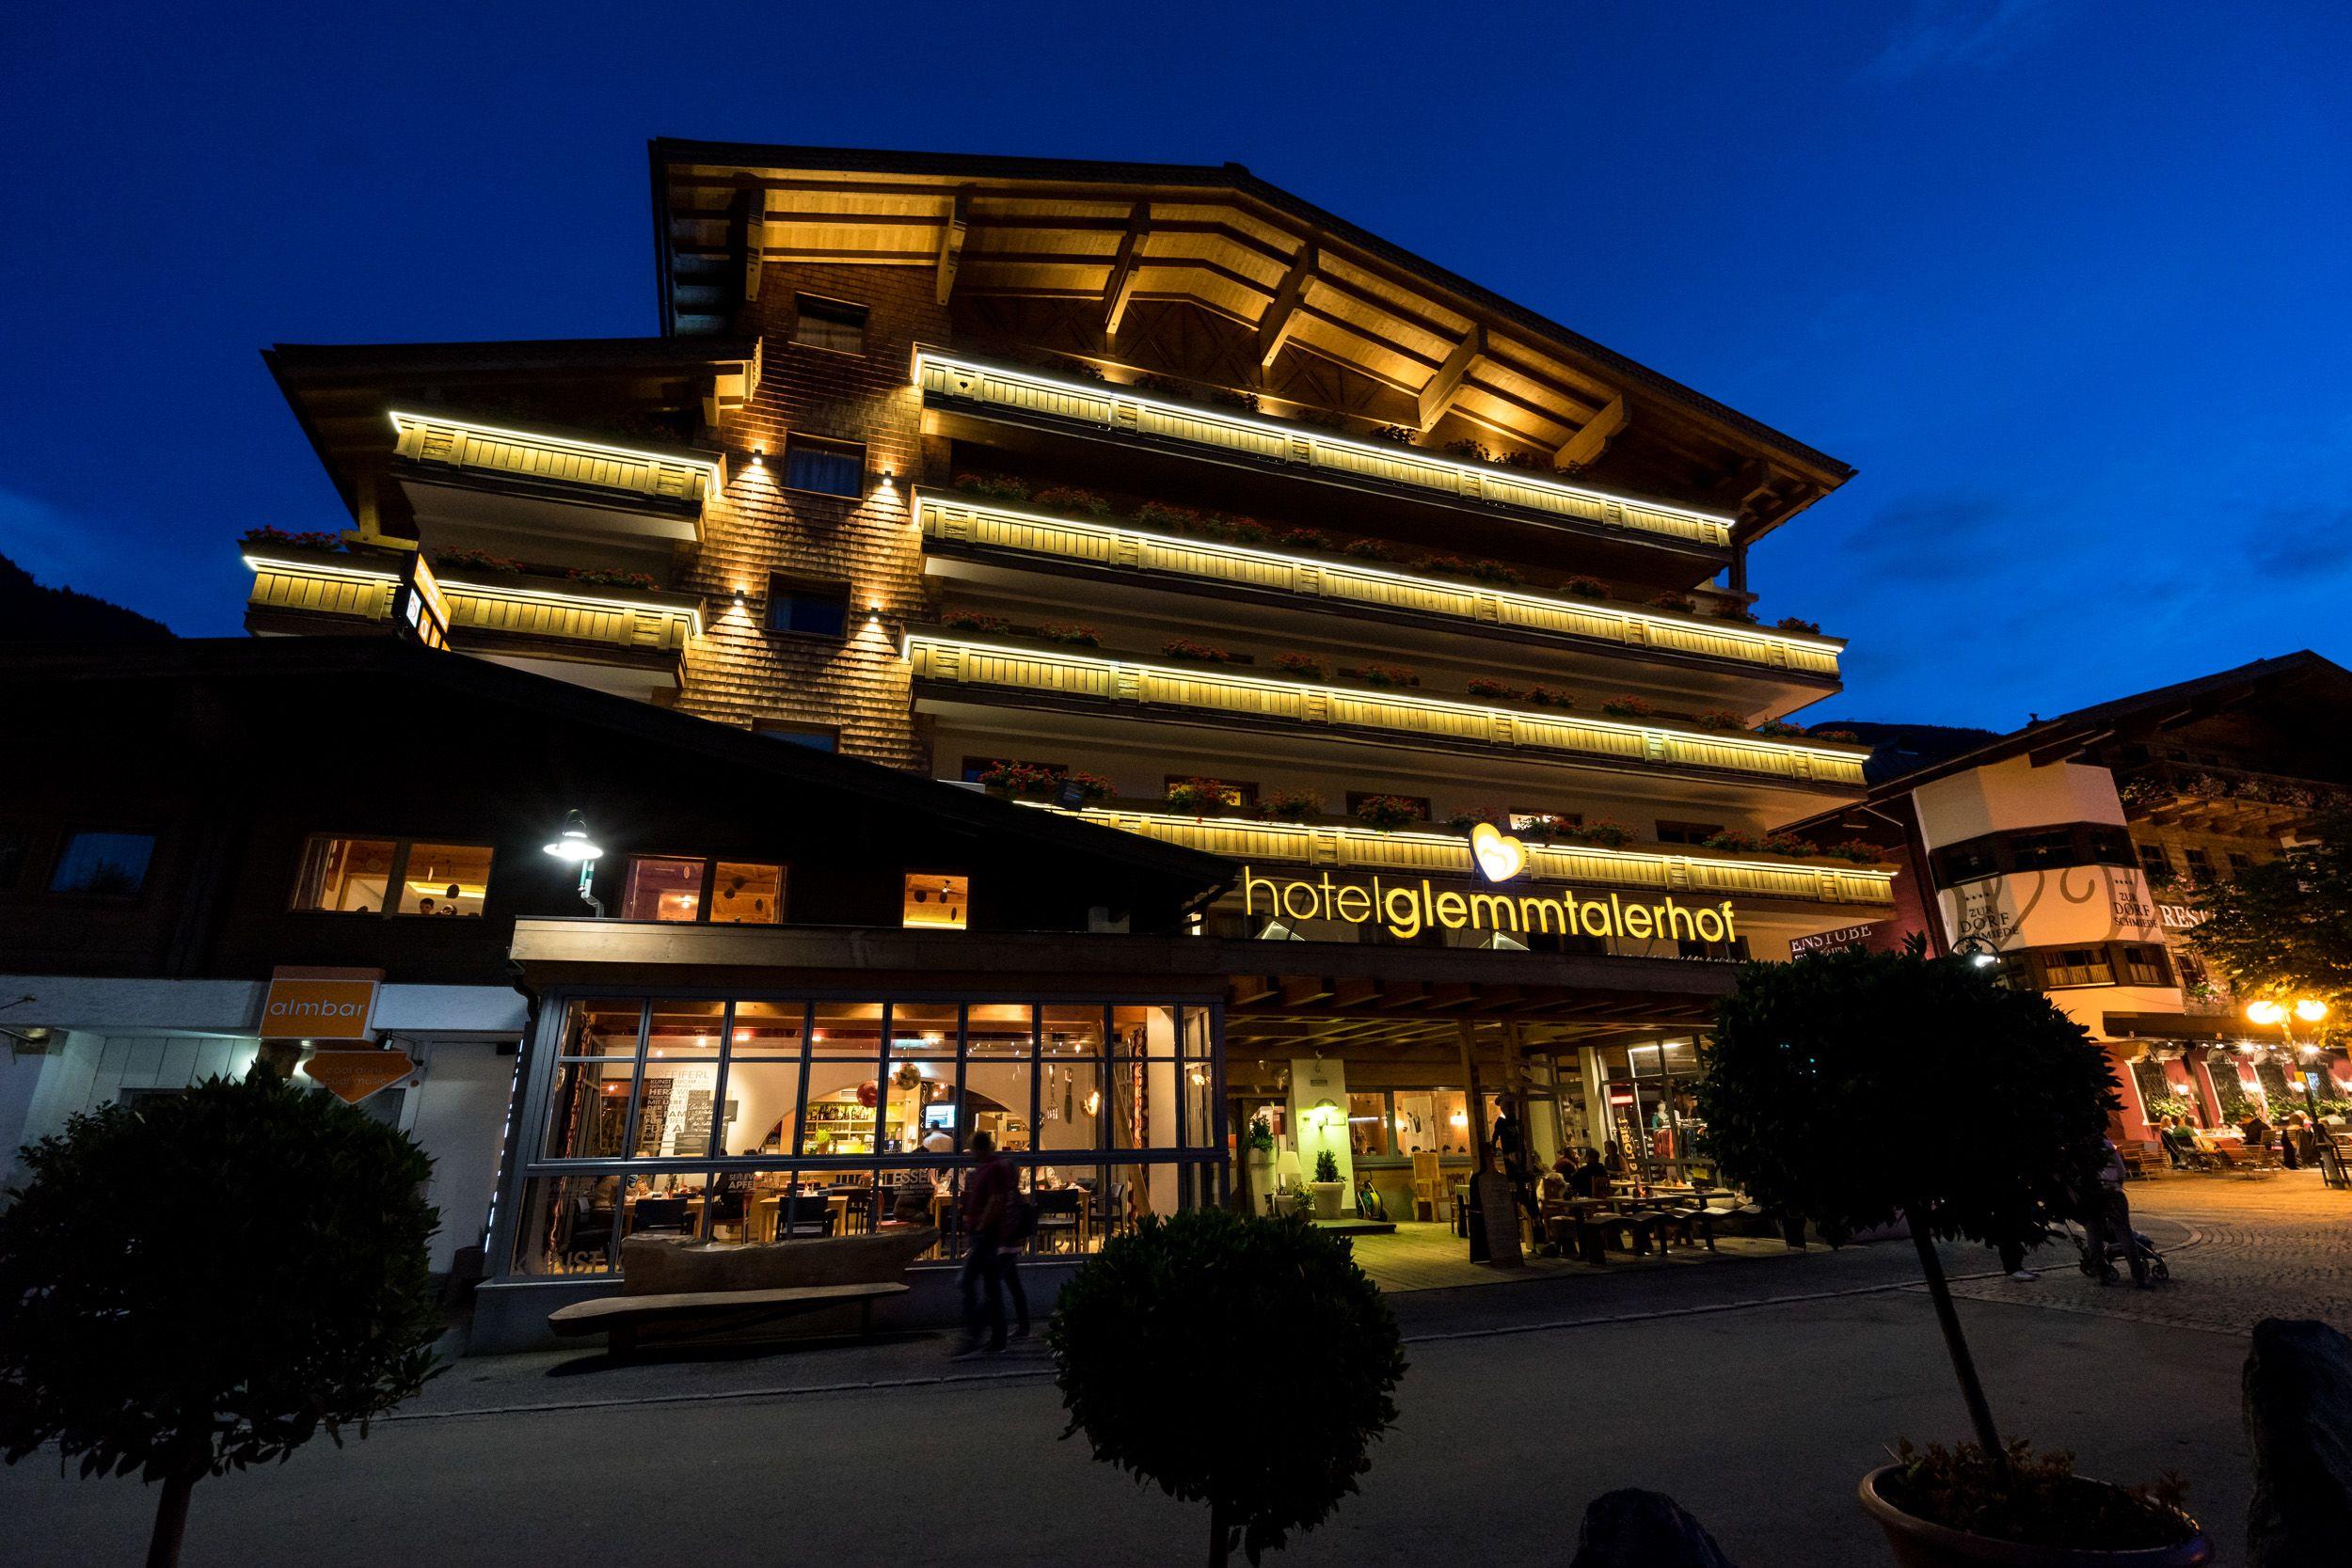 Das Hotel Glemmtalerhof am Abend